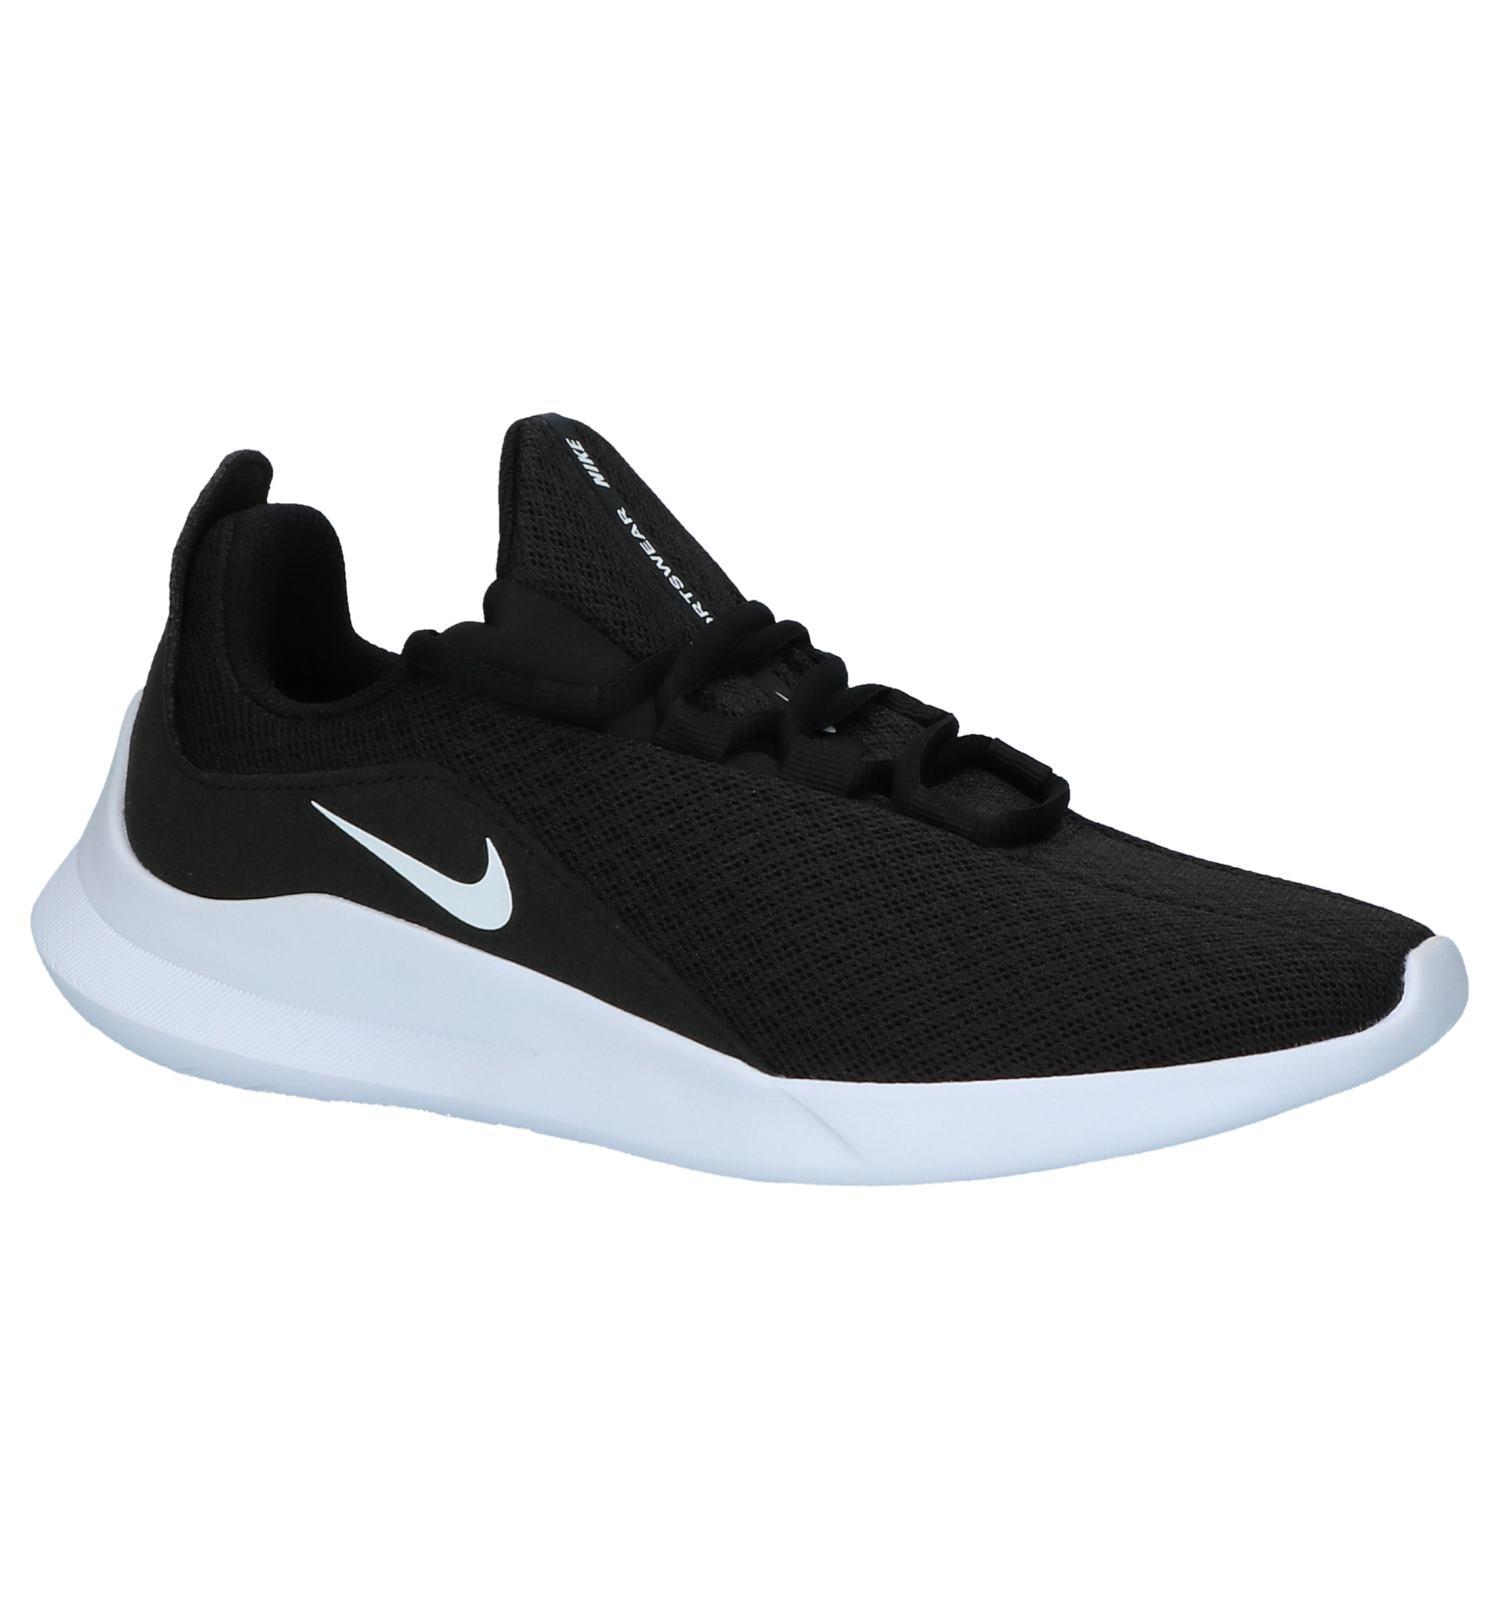 noir Retour be Nike Livraison Et Torfs Lacets Baskets Sans ttwSOR